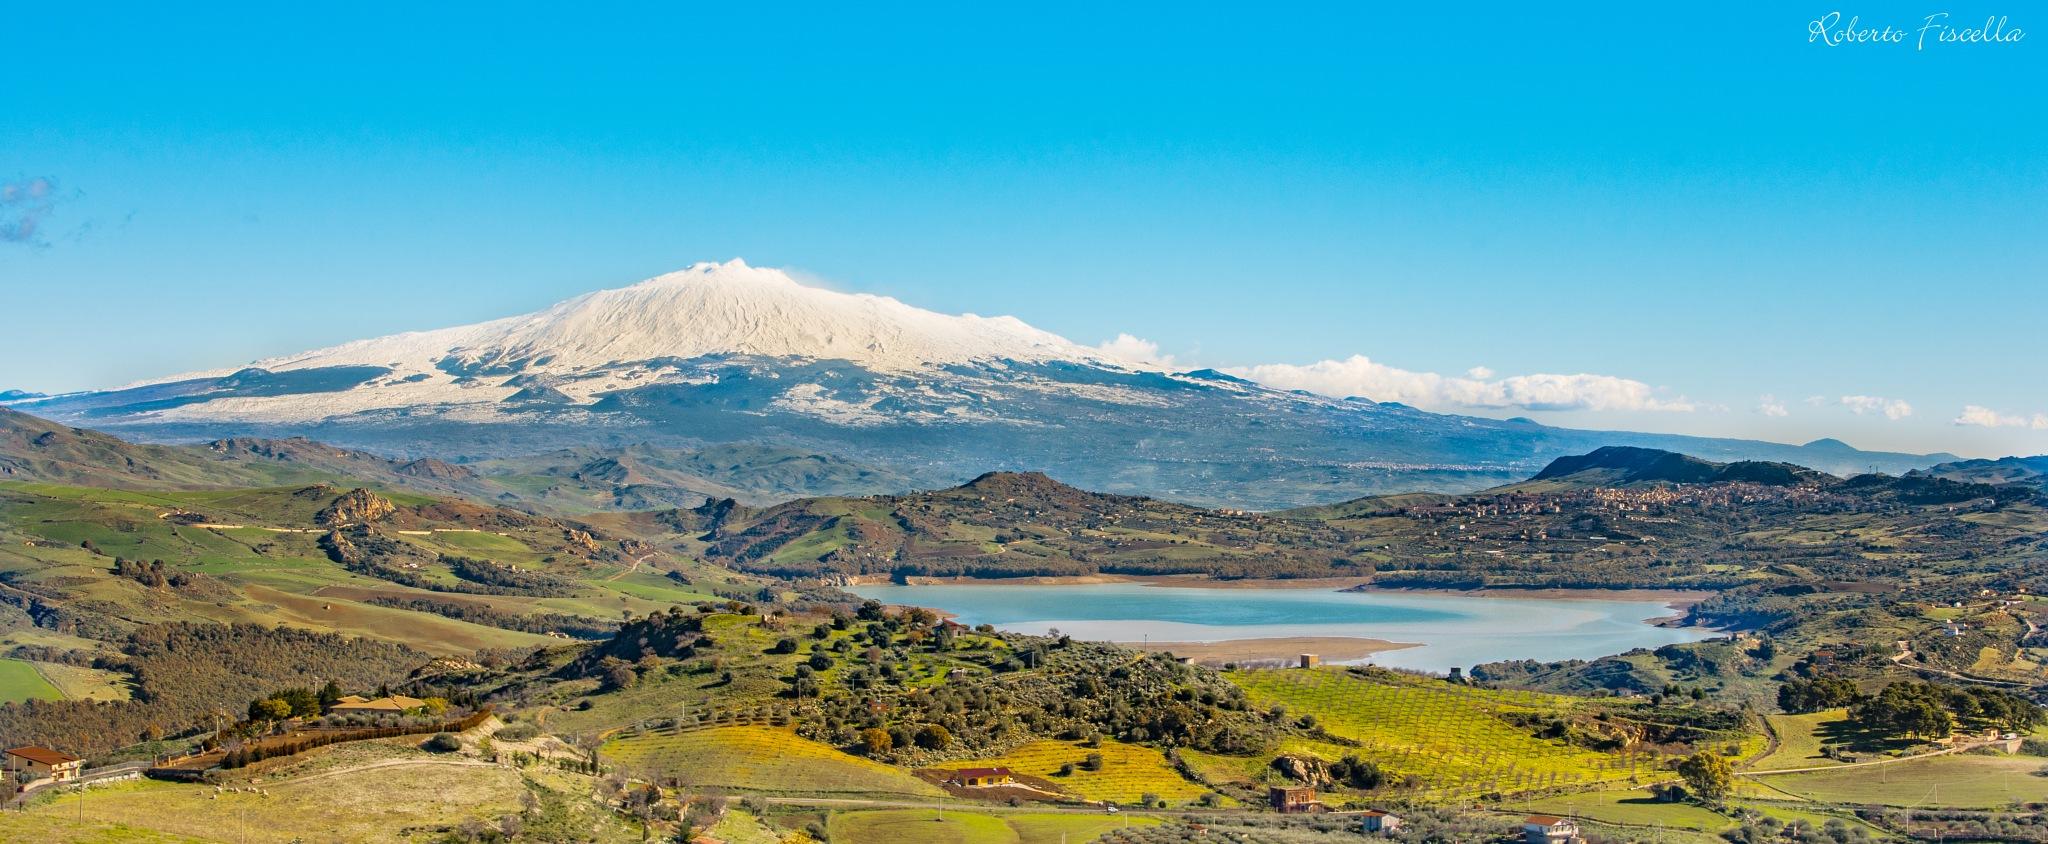 L'Etna vanitosa si specchia sul lago Pozzillo by Roberto Fiscella